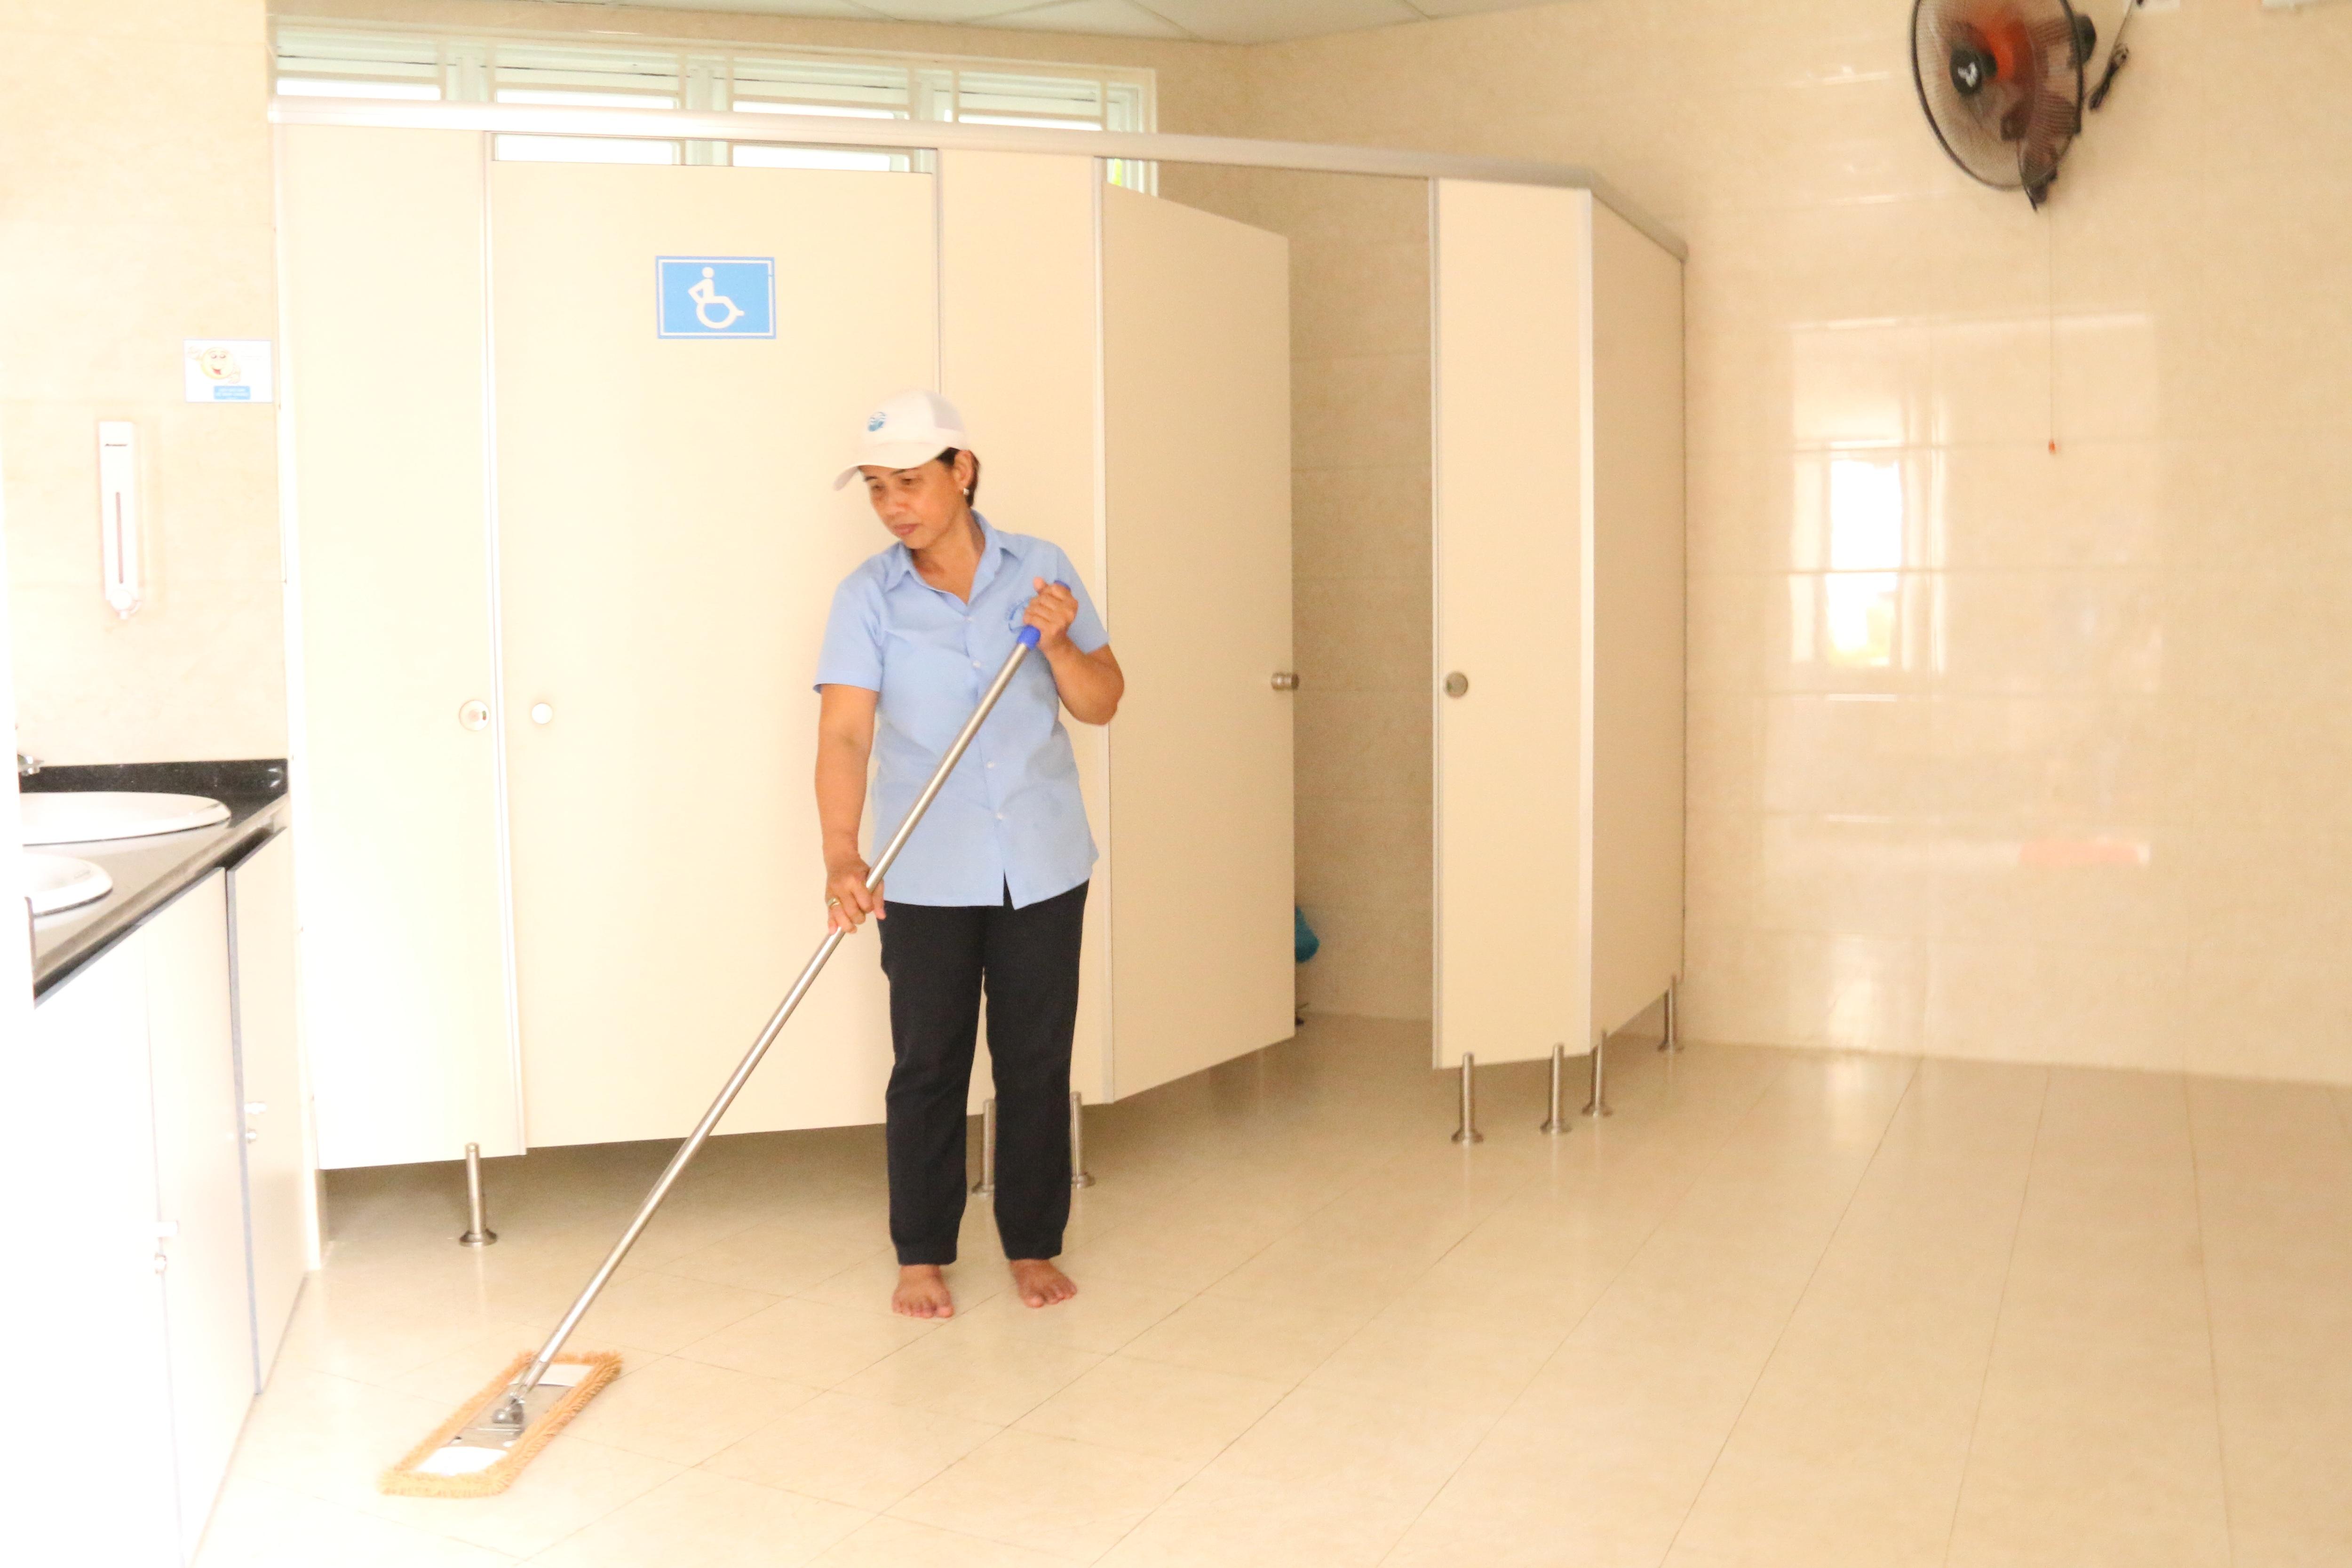 Khu nhà vệ sinh luôn có nhân viên túc trực từ 5 giờ sáng đến 22 giờ tối mỗi ngày và liên tục lau chùi, dọn dẹp để giữ nhà vệ sinh luôn sạch sẽ, thông thoáng.